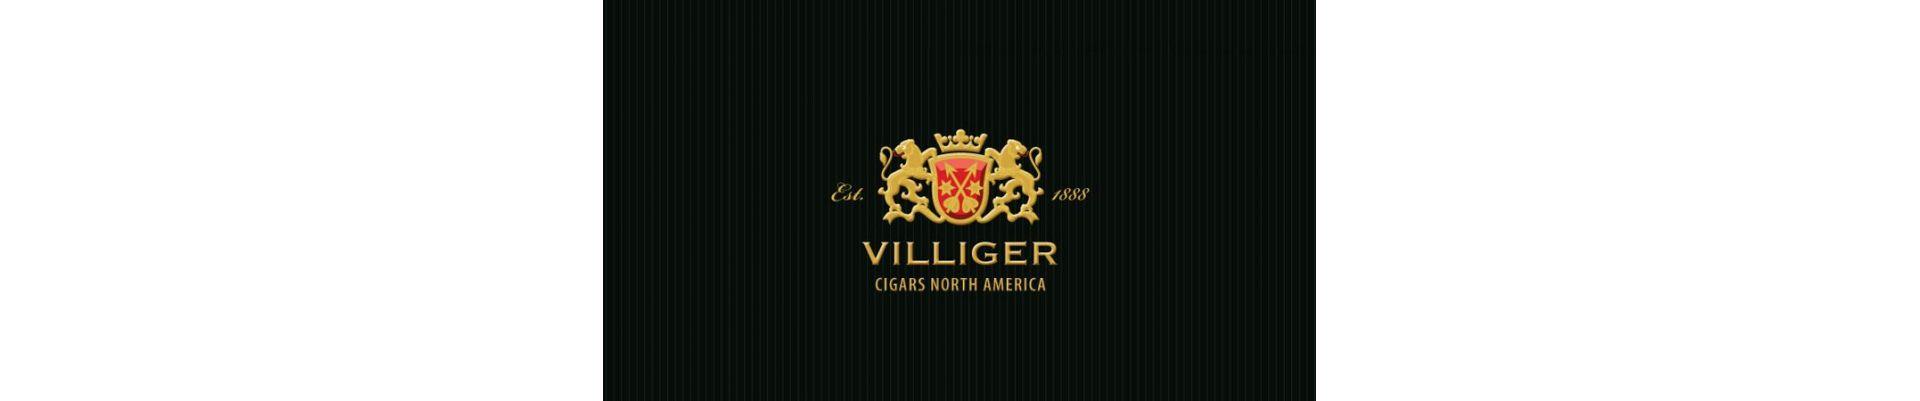 Tigari de foi Villiger tigara de foi Villiger tigara de foi